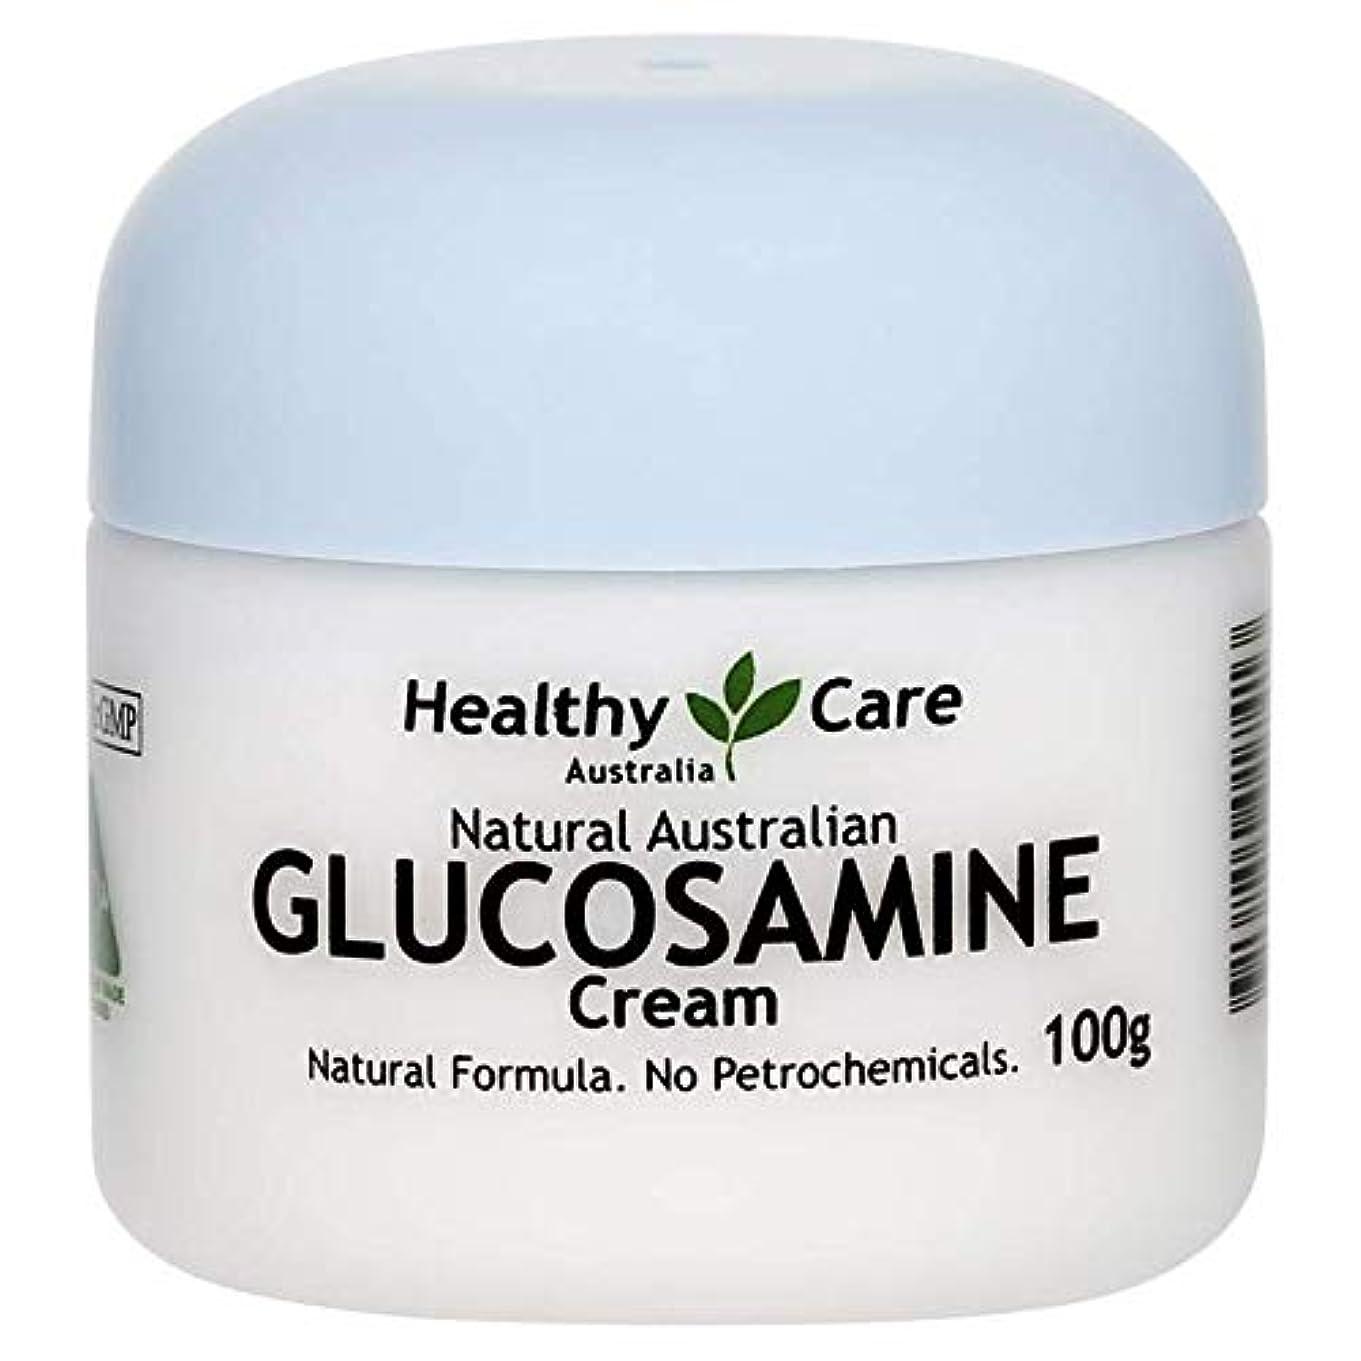 盗難謎めいたスムーズに[Healthy Care] グルコサミンクリーム お肌に潤い しなやかさを (GLUCOSAMINE CREAM) 100g 【海外直送品】